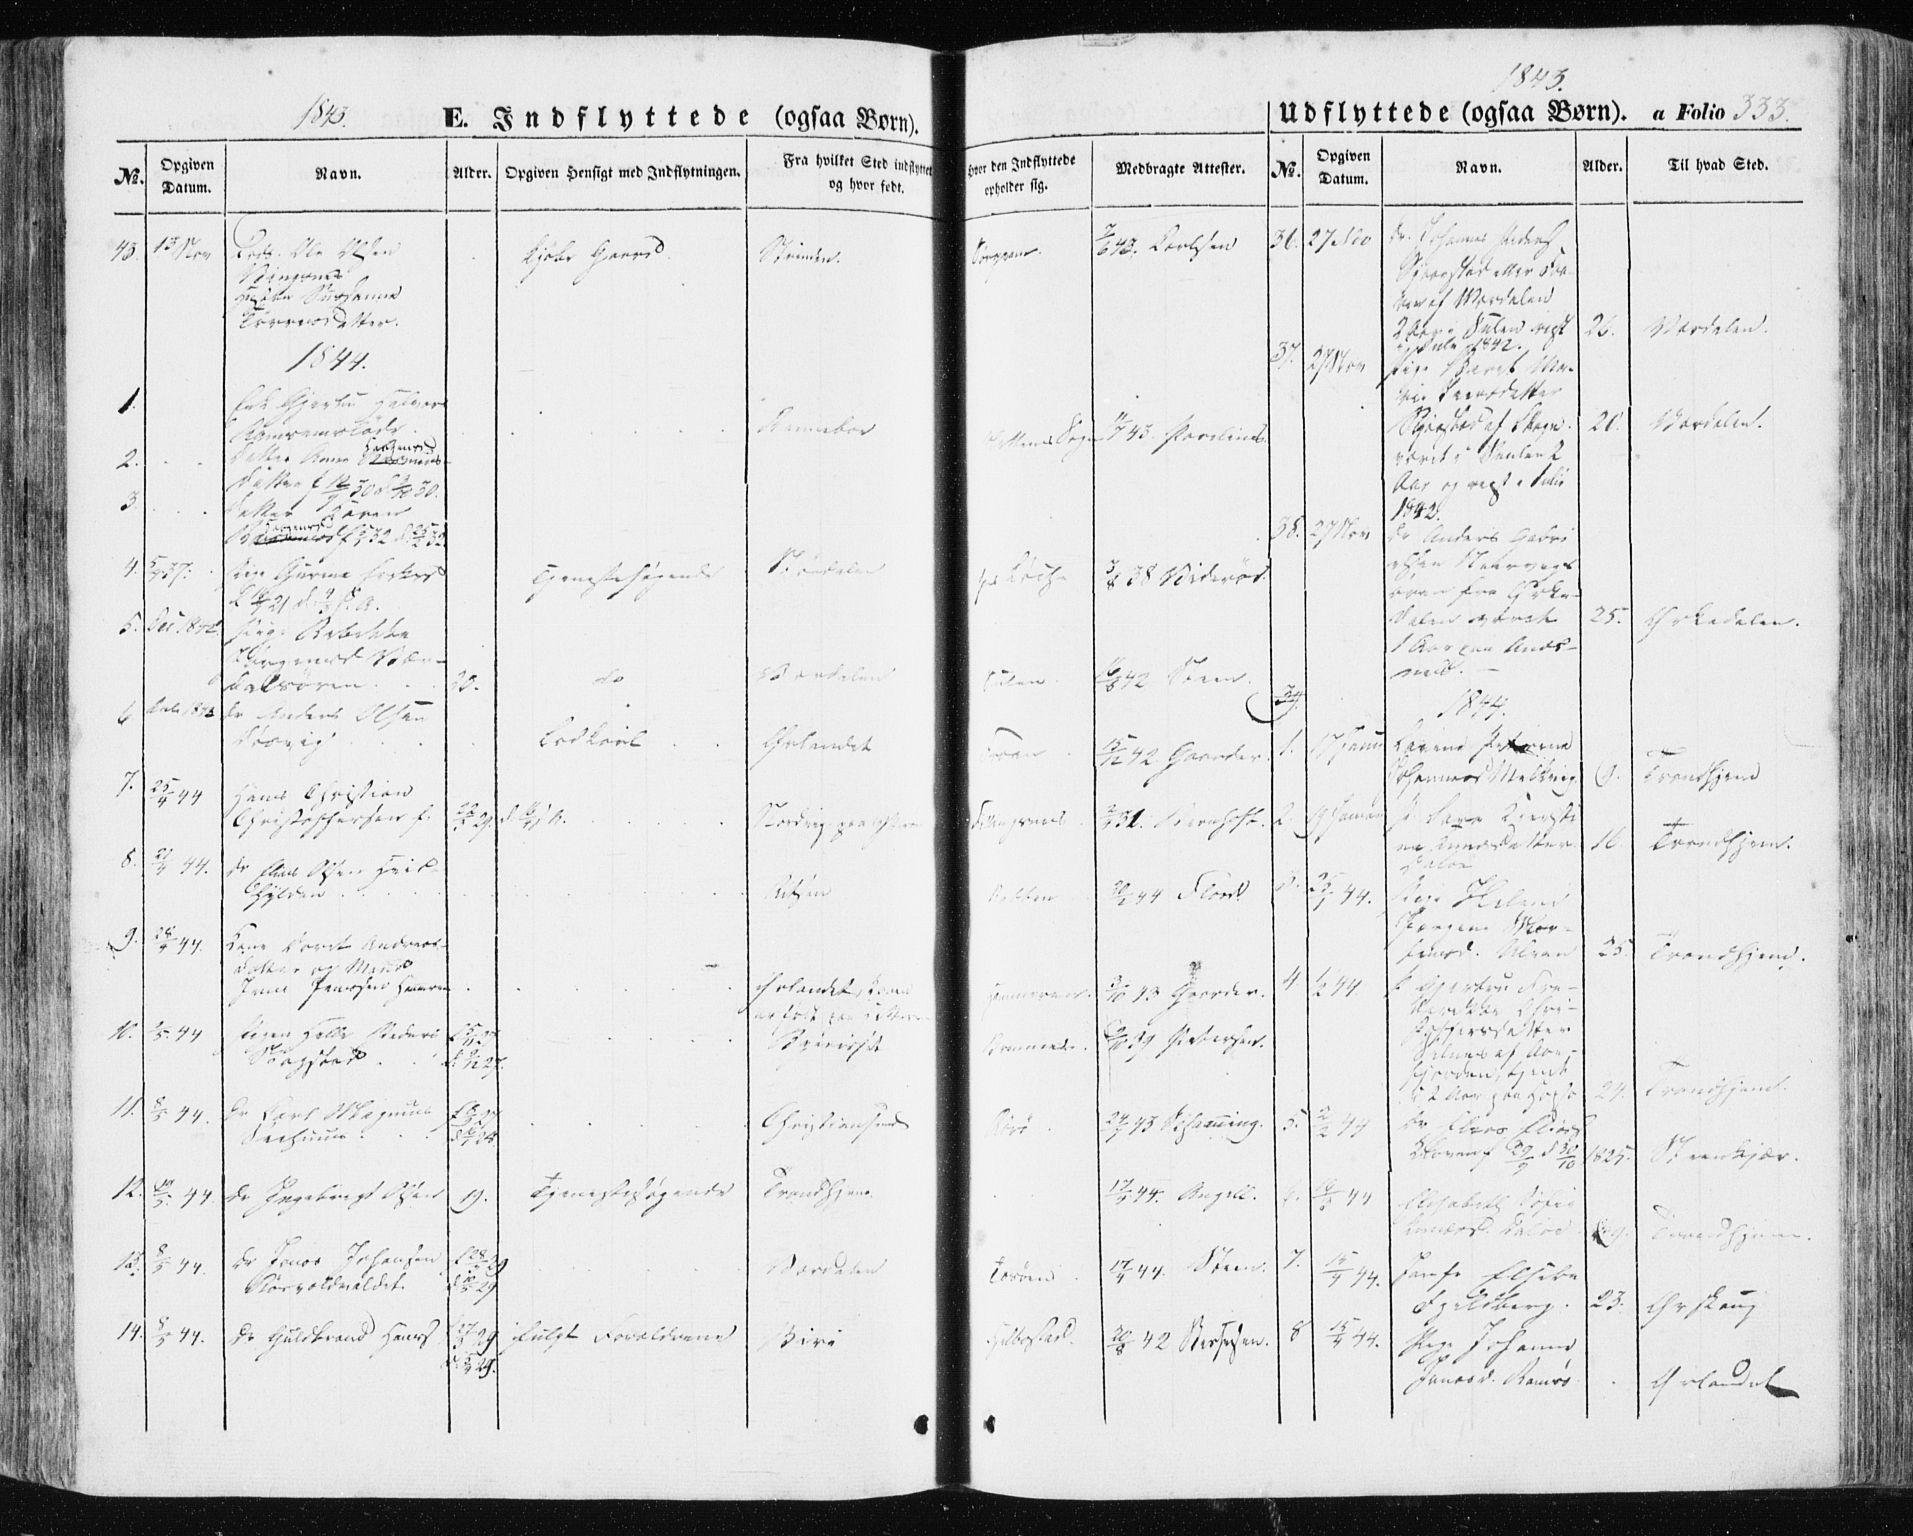 SAT, Ministerialprotokoller, klokkerbøker og fødselsregistre - Sør-Trøndelag, 634/L0529: Ministerialbok nr. 634A05, 1843-1851, s. 333